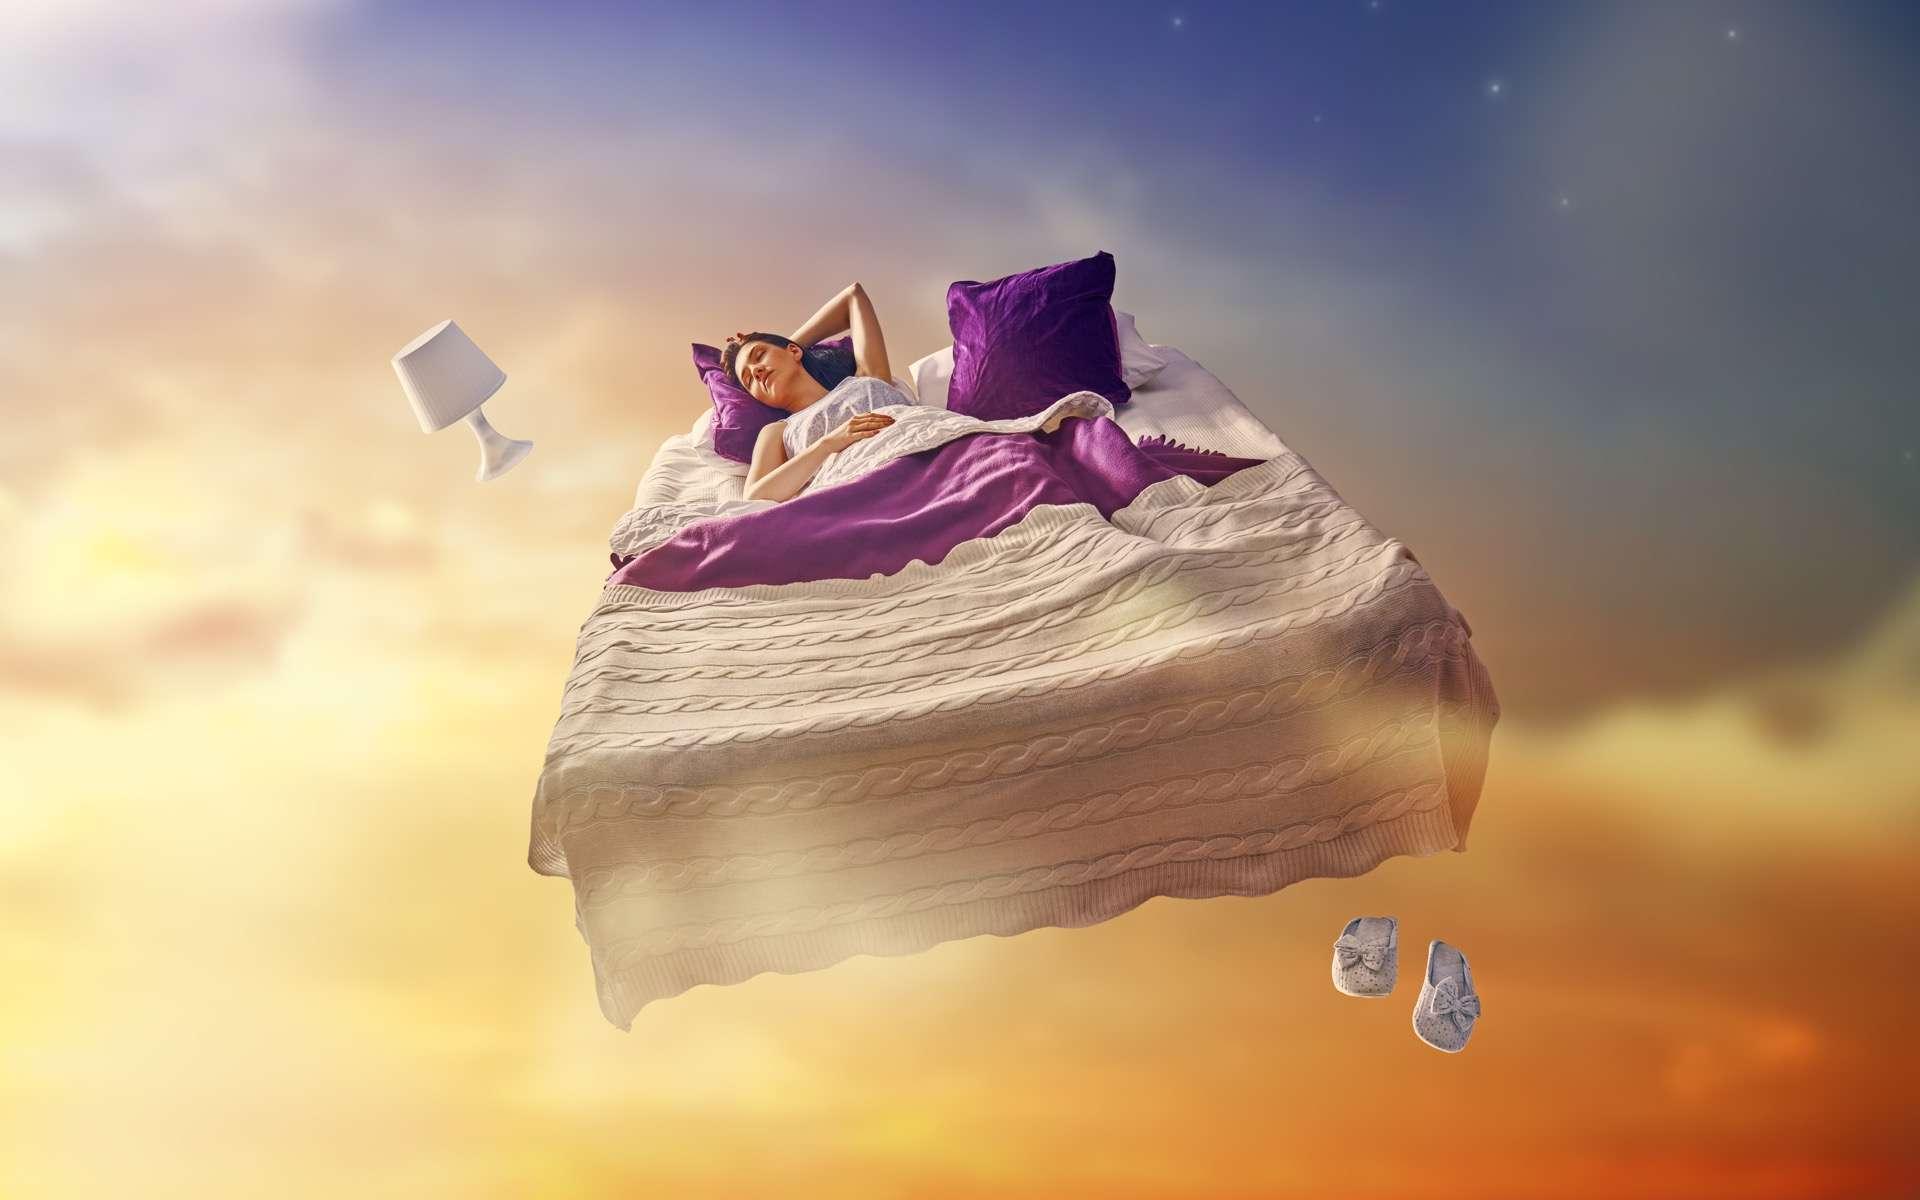 Un sommeil de qualité n'a que des effets positifs sur la santé, intestinale, mentale, cardiaque et intellectuelle. © Konstantin Yuganov, Adobe Stock